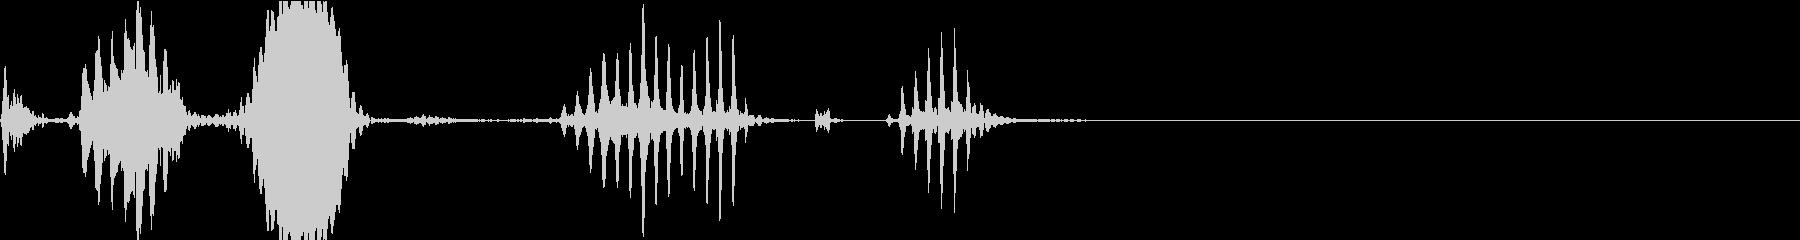 covid 19【ロボ声】 の未再生の波形